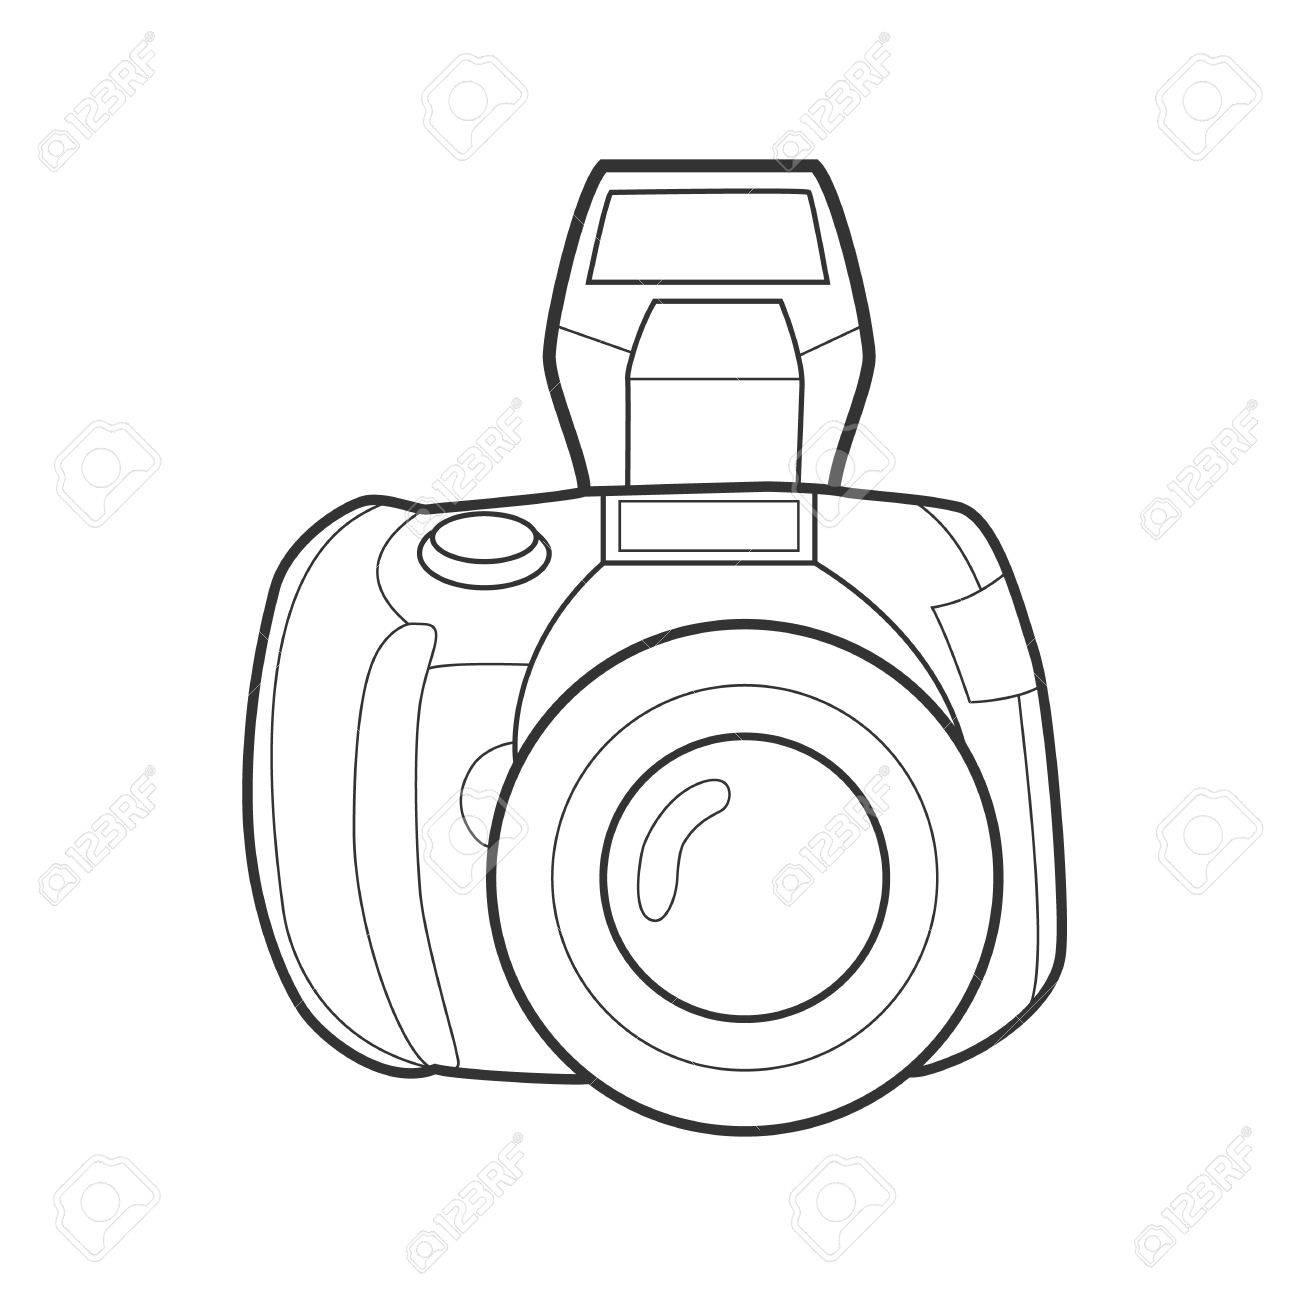 symbol photo camera icon for web site line art colorfull My Web Camera Hot symbol photo camera icon for web site line art colorfull illustration stock vector